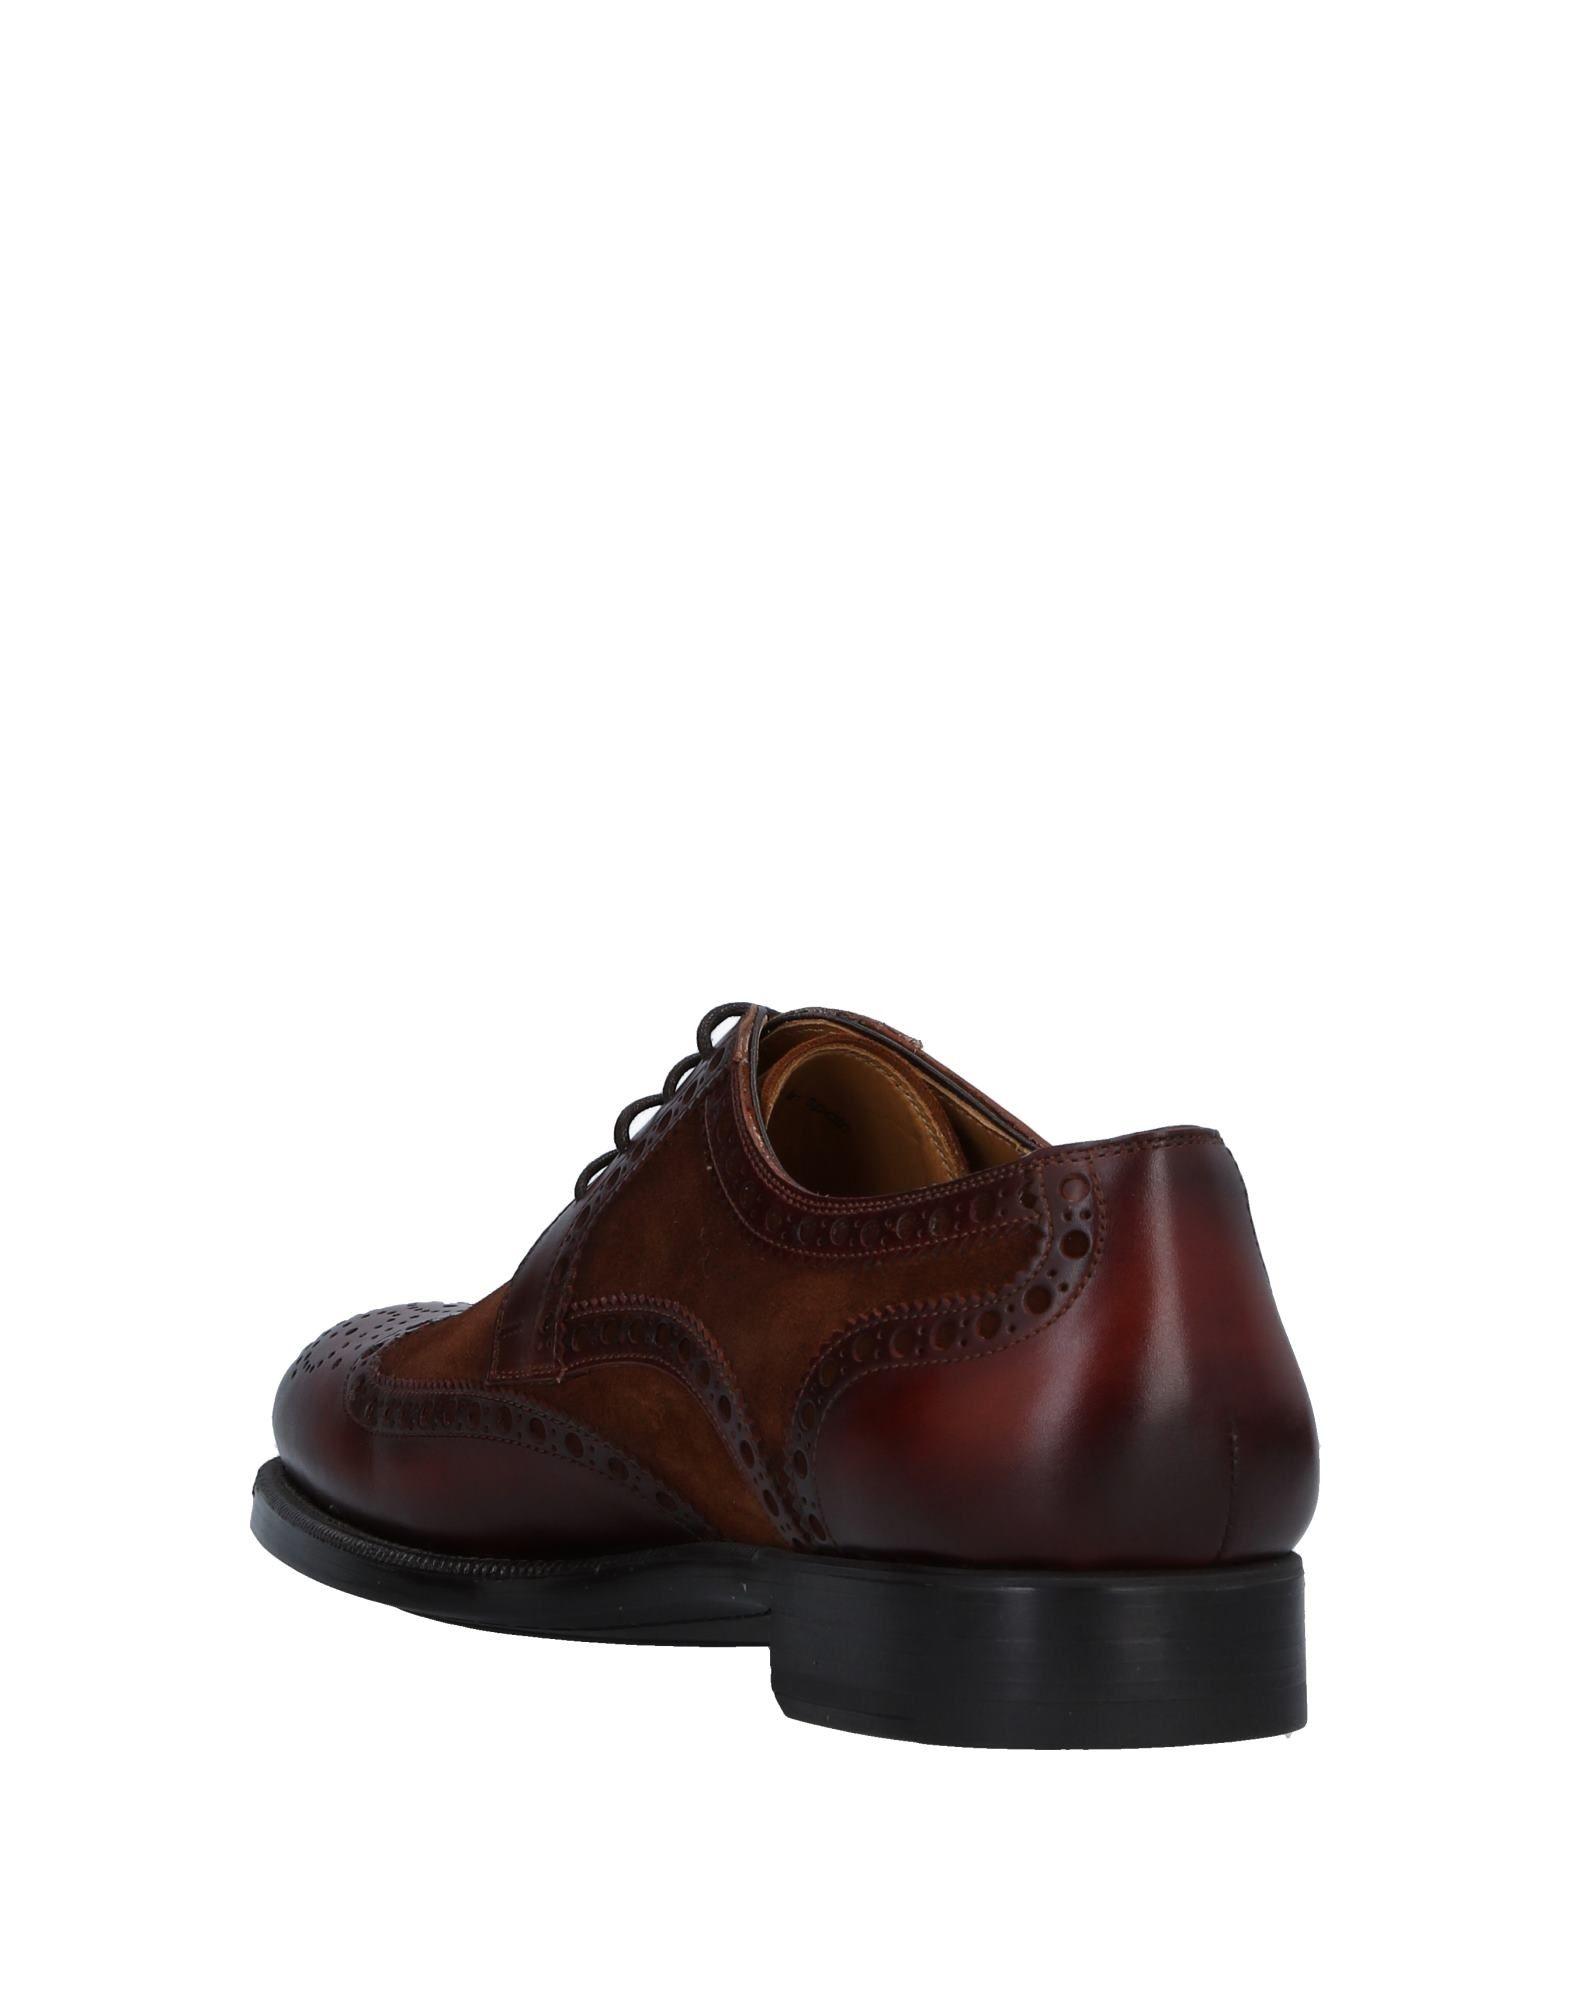 Magnanni Schnürschuhe Schuhe Herren  11534609FC Heiße Schuhe Schnürschuhe 97d657